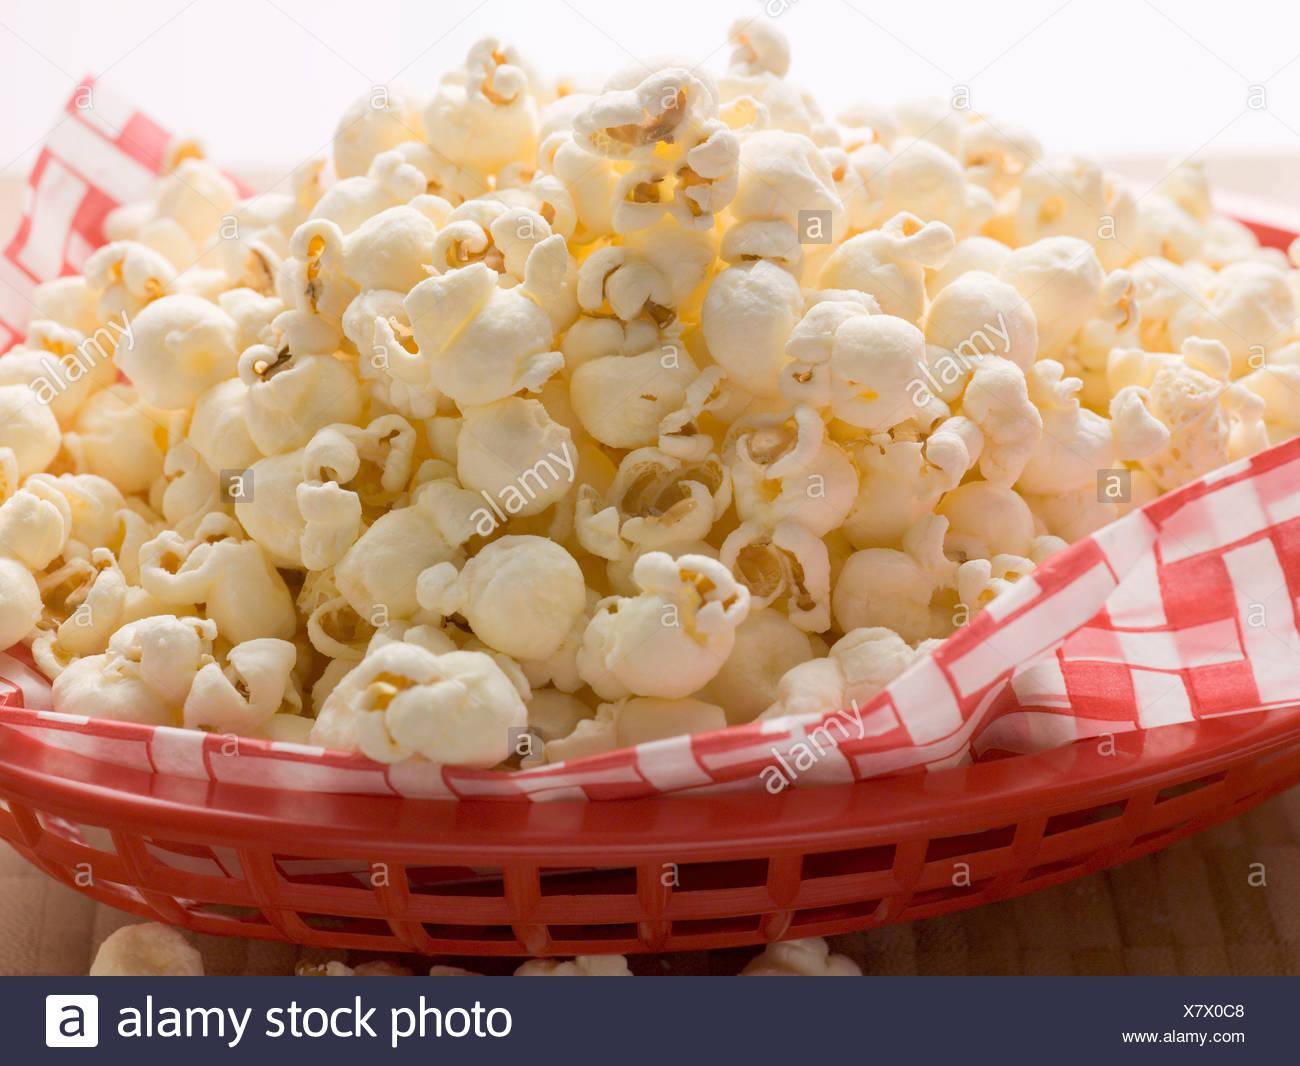 popcorn sur serviette dans le panier en plastique rouge banque d 39 images photo stock 280239576. Black Bedroom Furniture Sets. Home Design Ideas